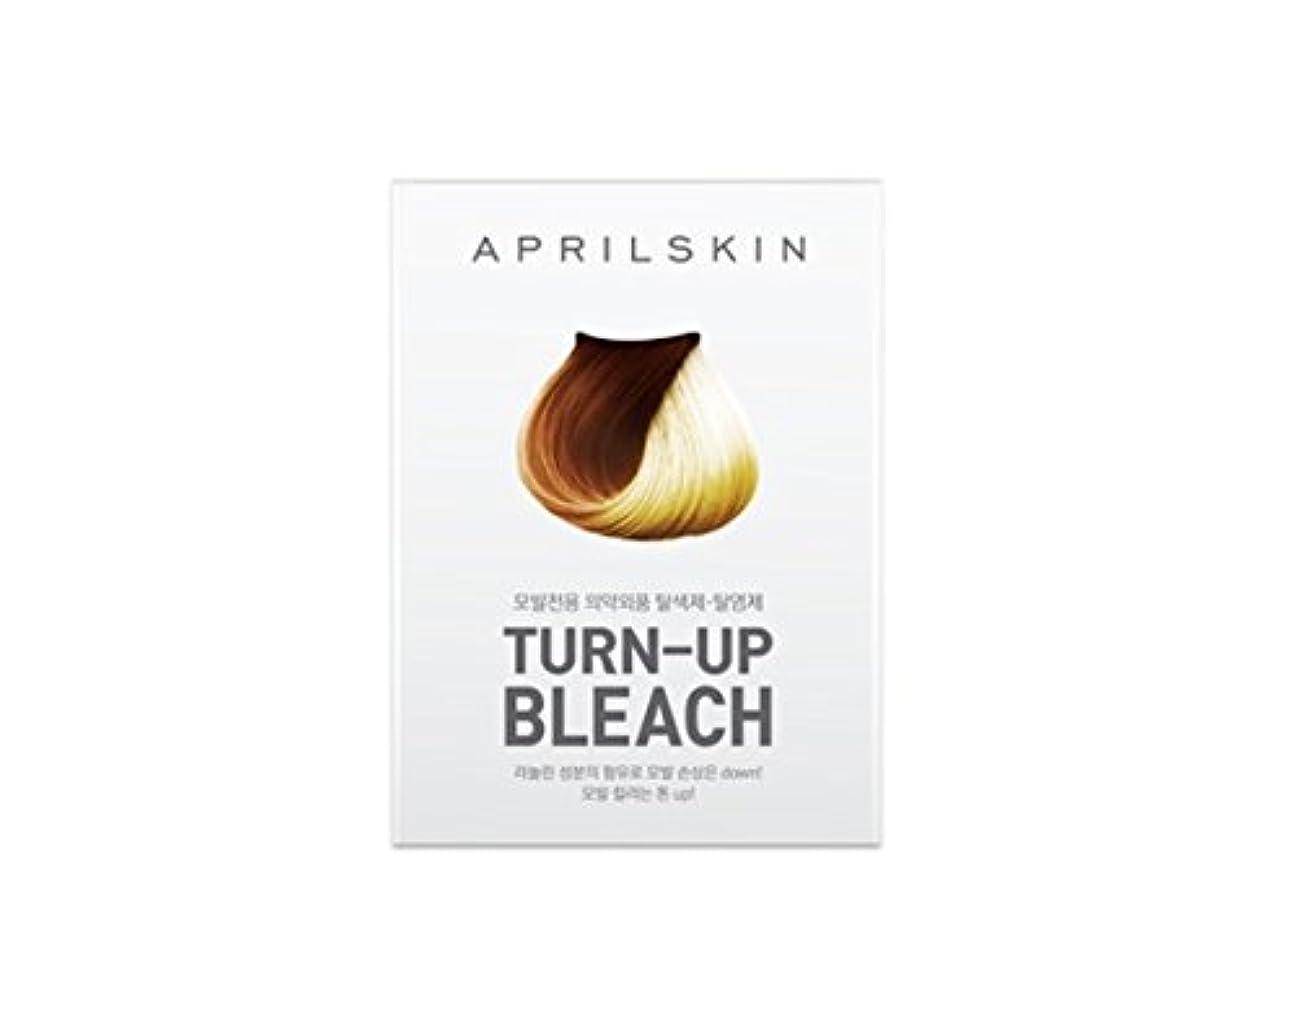 無力説明機関エープリル?スキン [韓国コスメ April Skin] 漂白ブリーチ(ヘアブリーチ)Turn Up Bleach (Hair Bleach) [海外直送品]